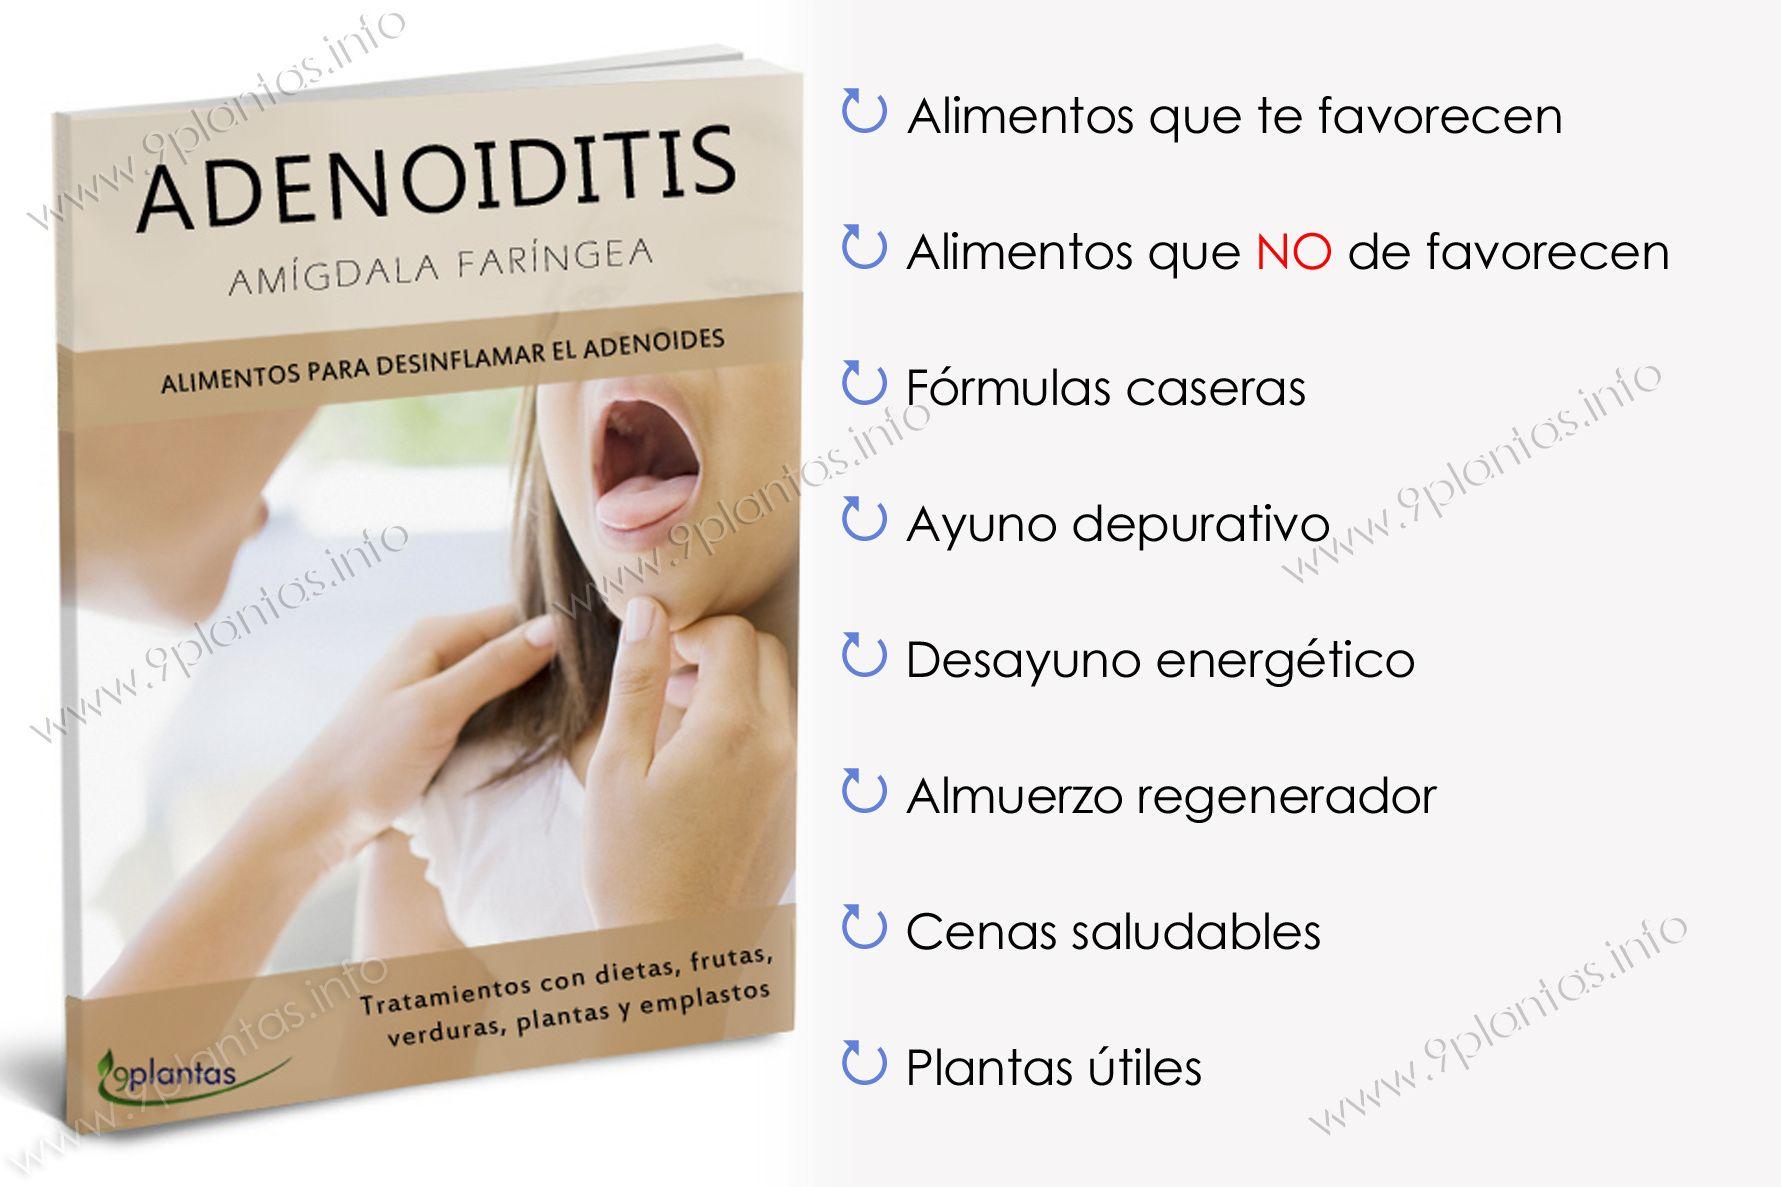 E-book | Adenoiditis, amígdala faríngea